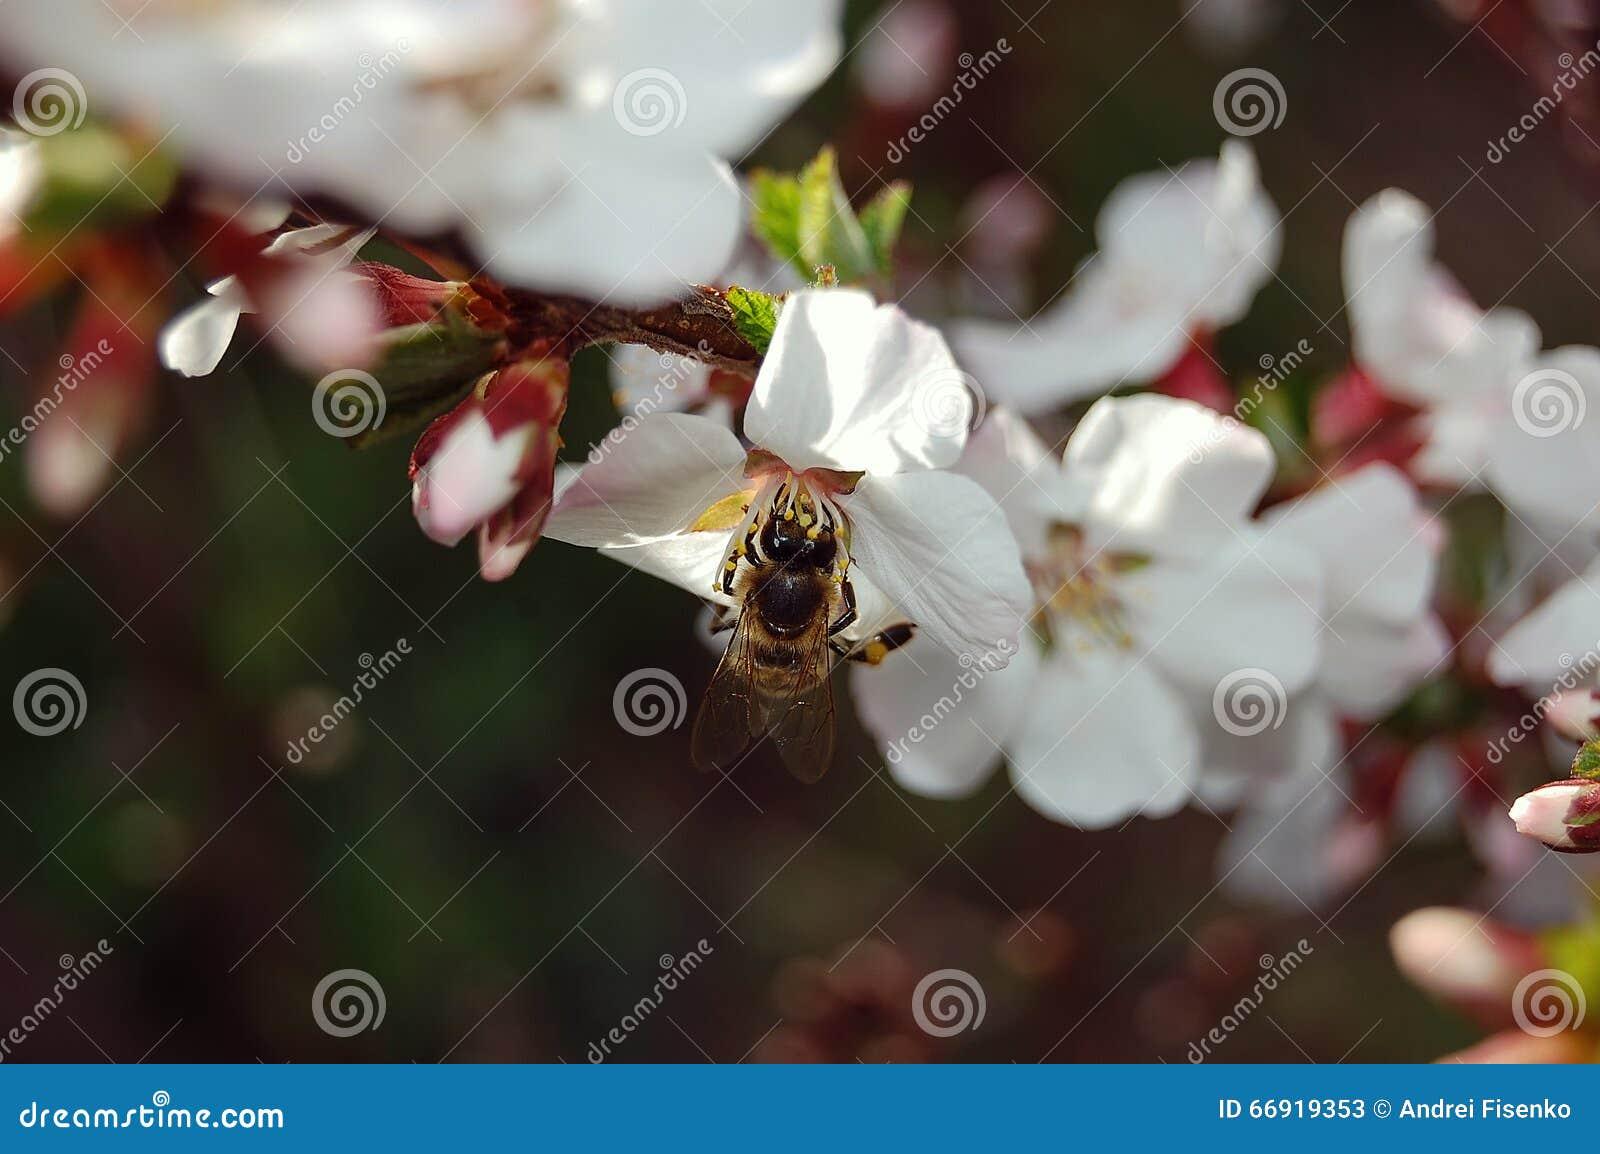 Η μέλισσα συλλέγει το νέκταρ από ένα άνθος κερασιών, κινηματογράφηση σε πρώτο πλάνο